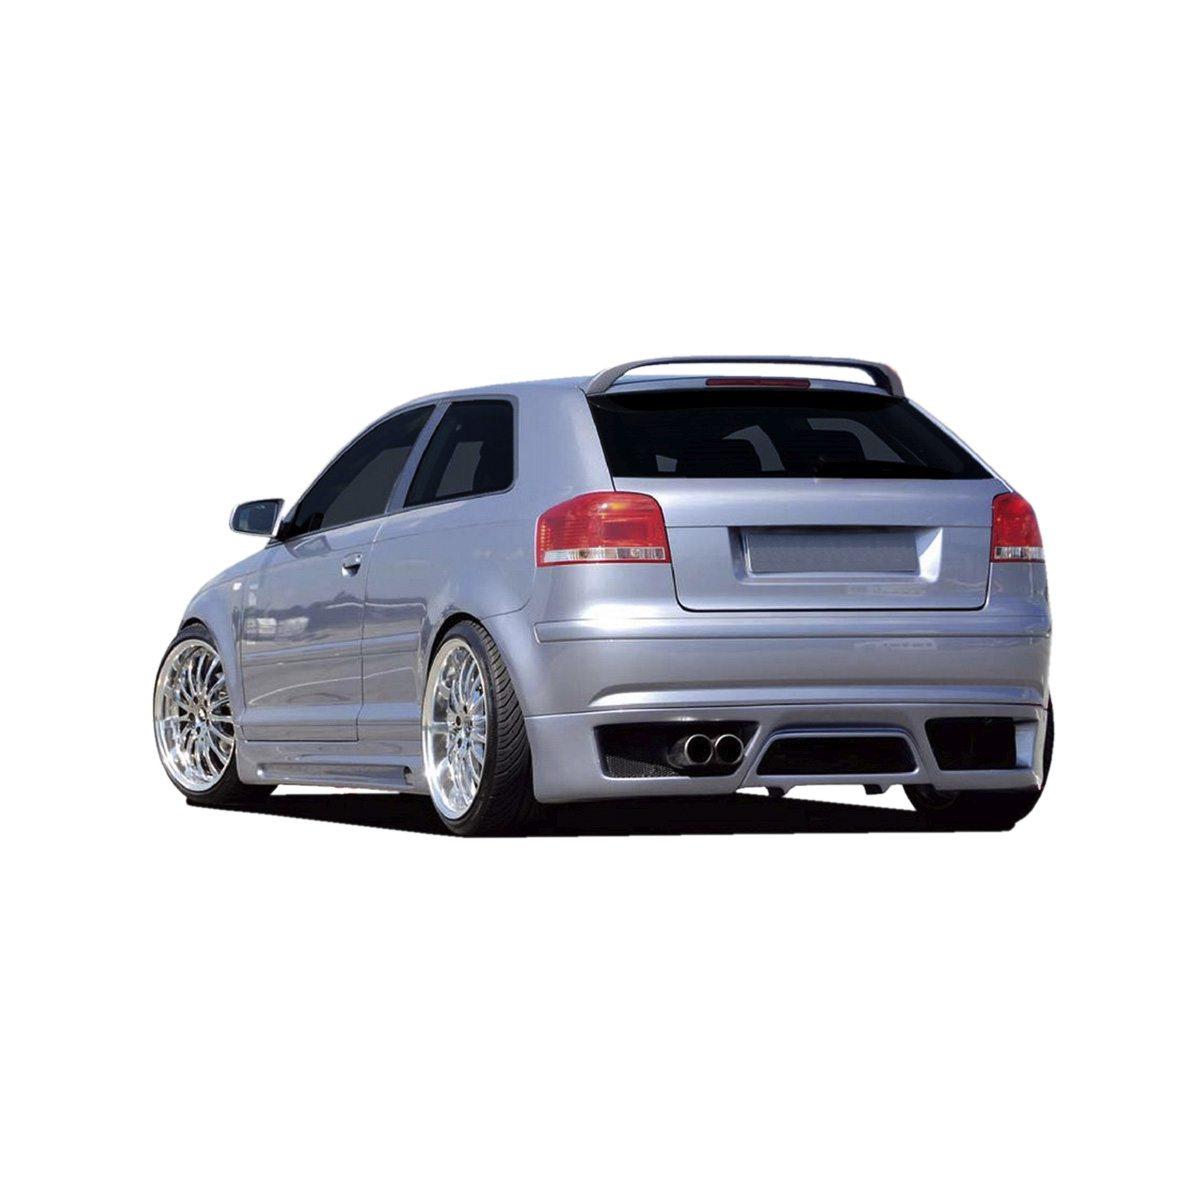 Audi-A3-2003-Race-Tras-PCU1183